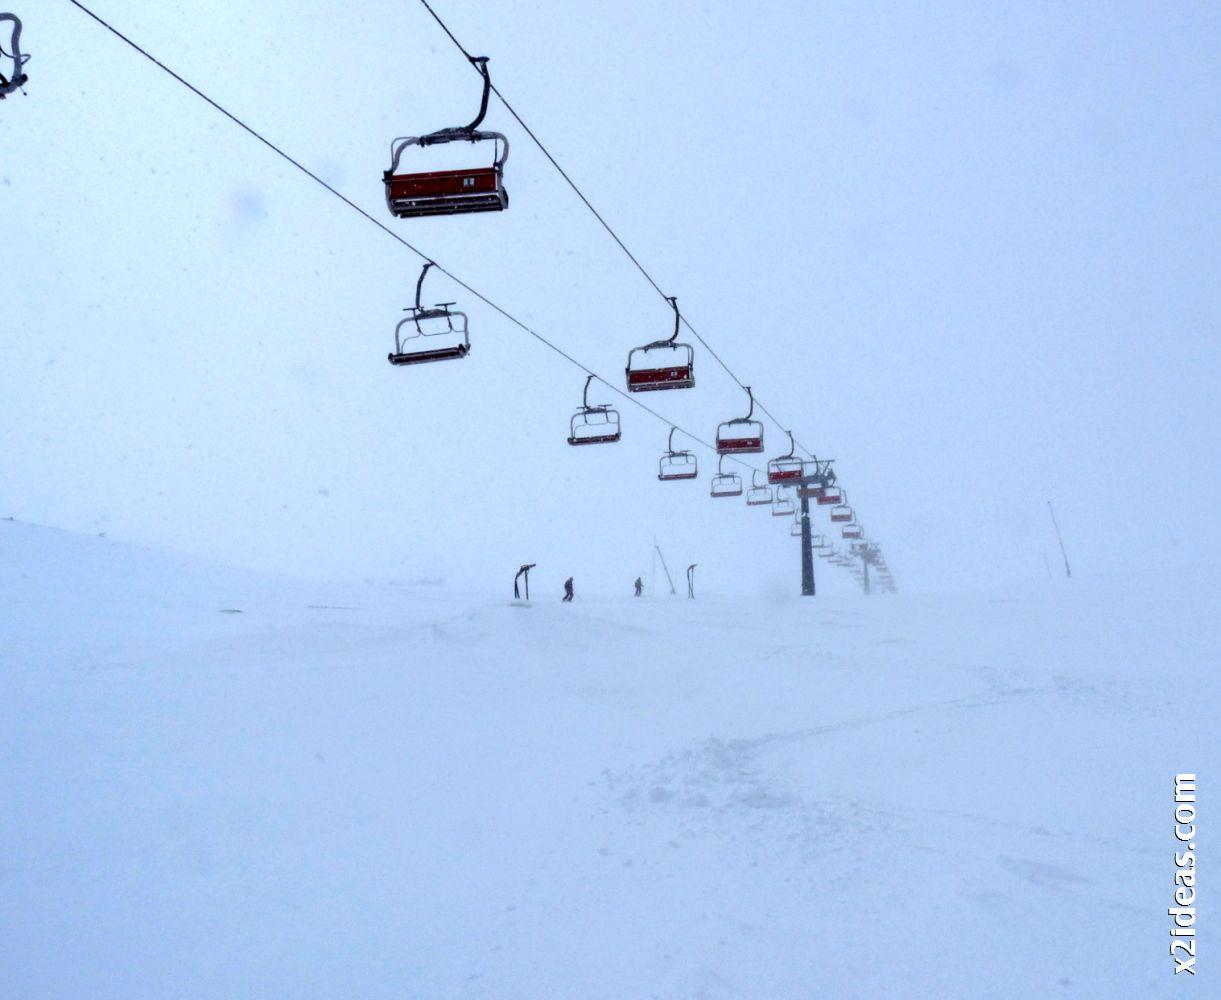 P1450782 - Y sigue nevando en Cerler.